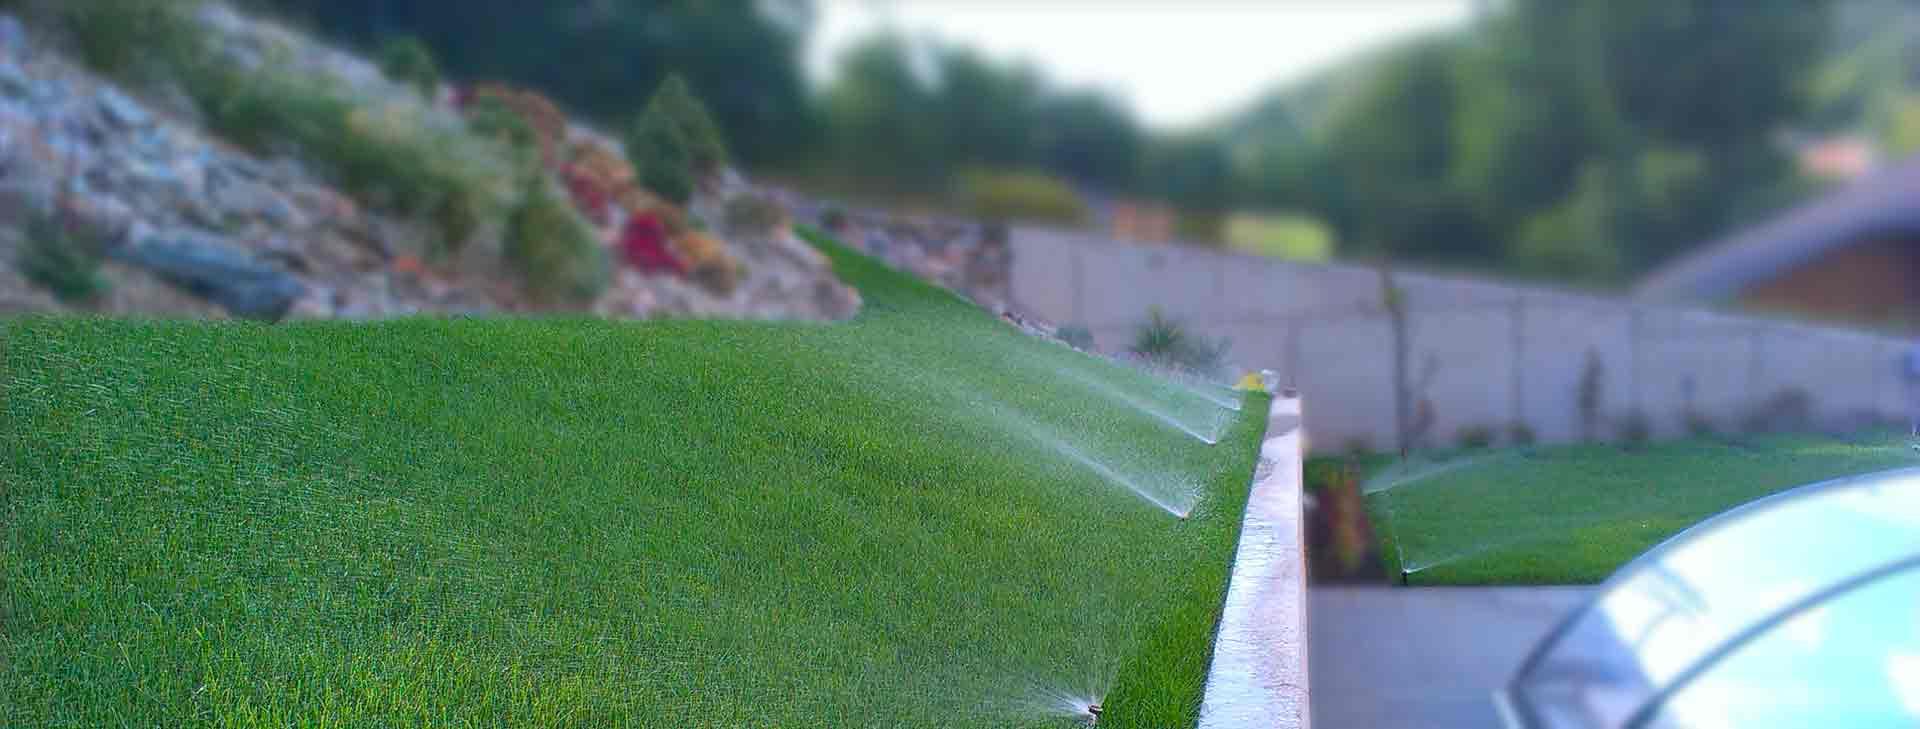 Zavlažování zahrady | Úzké pruhy trávníku, zavlažujeme rozprašovacím postřikovačem PRO SPRAY.